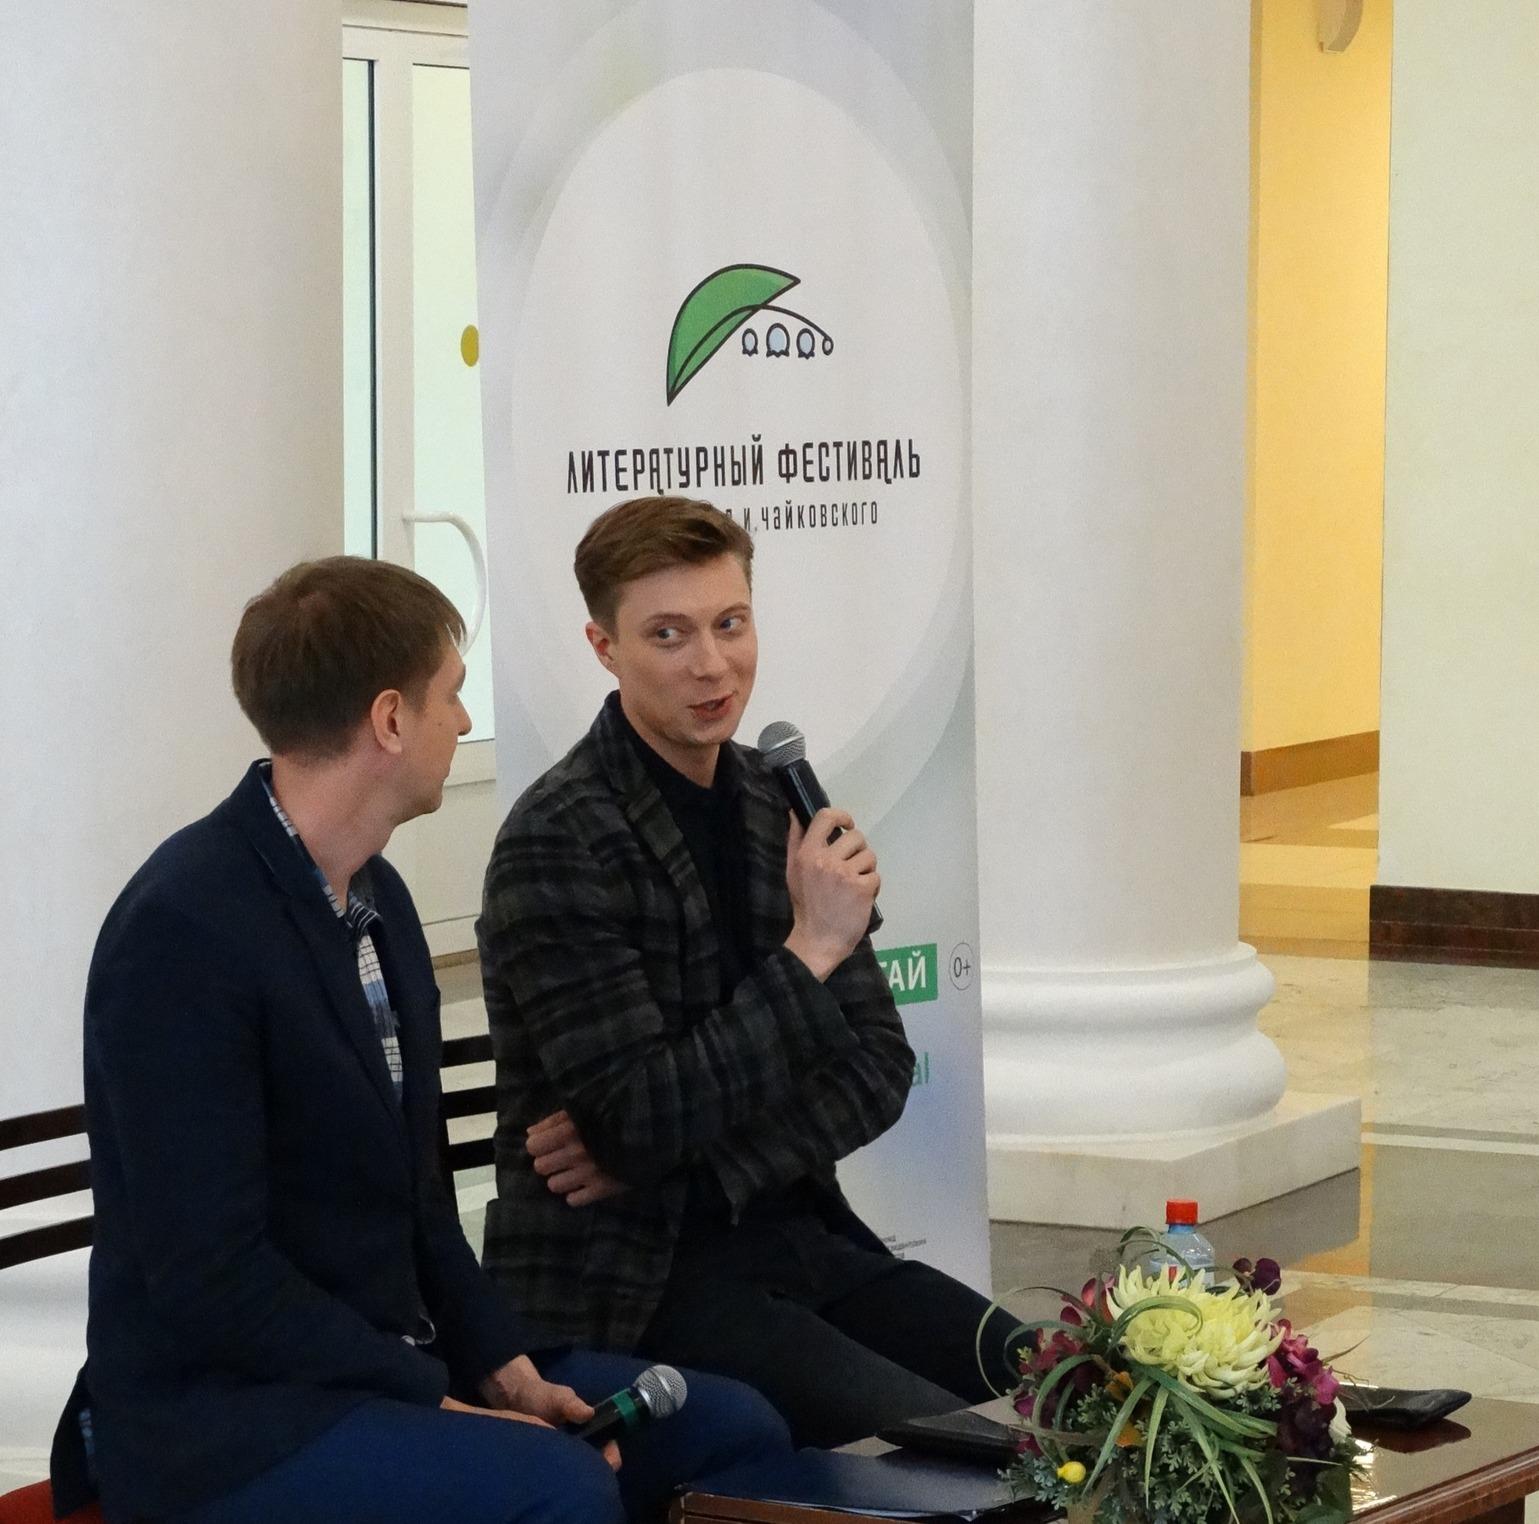 встреча с Александром Давыдовым- актером театра и кино